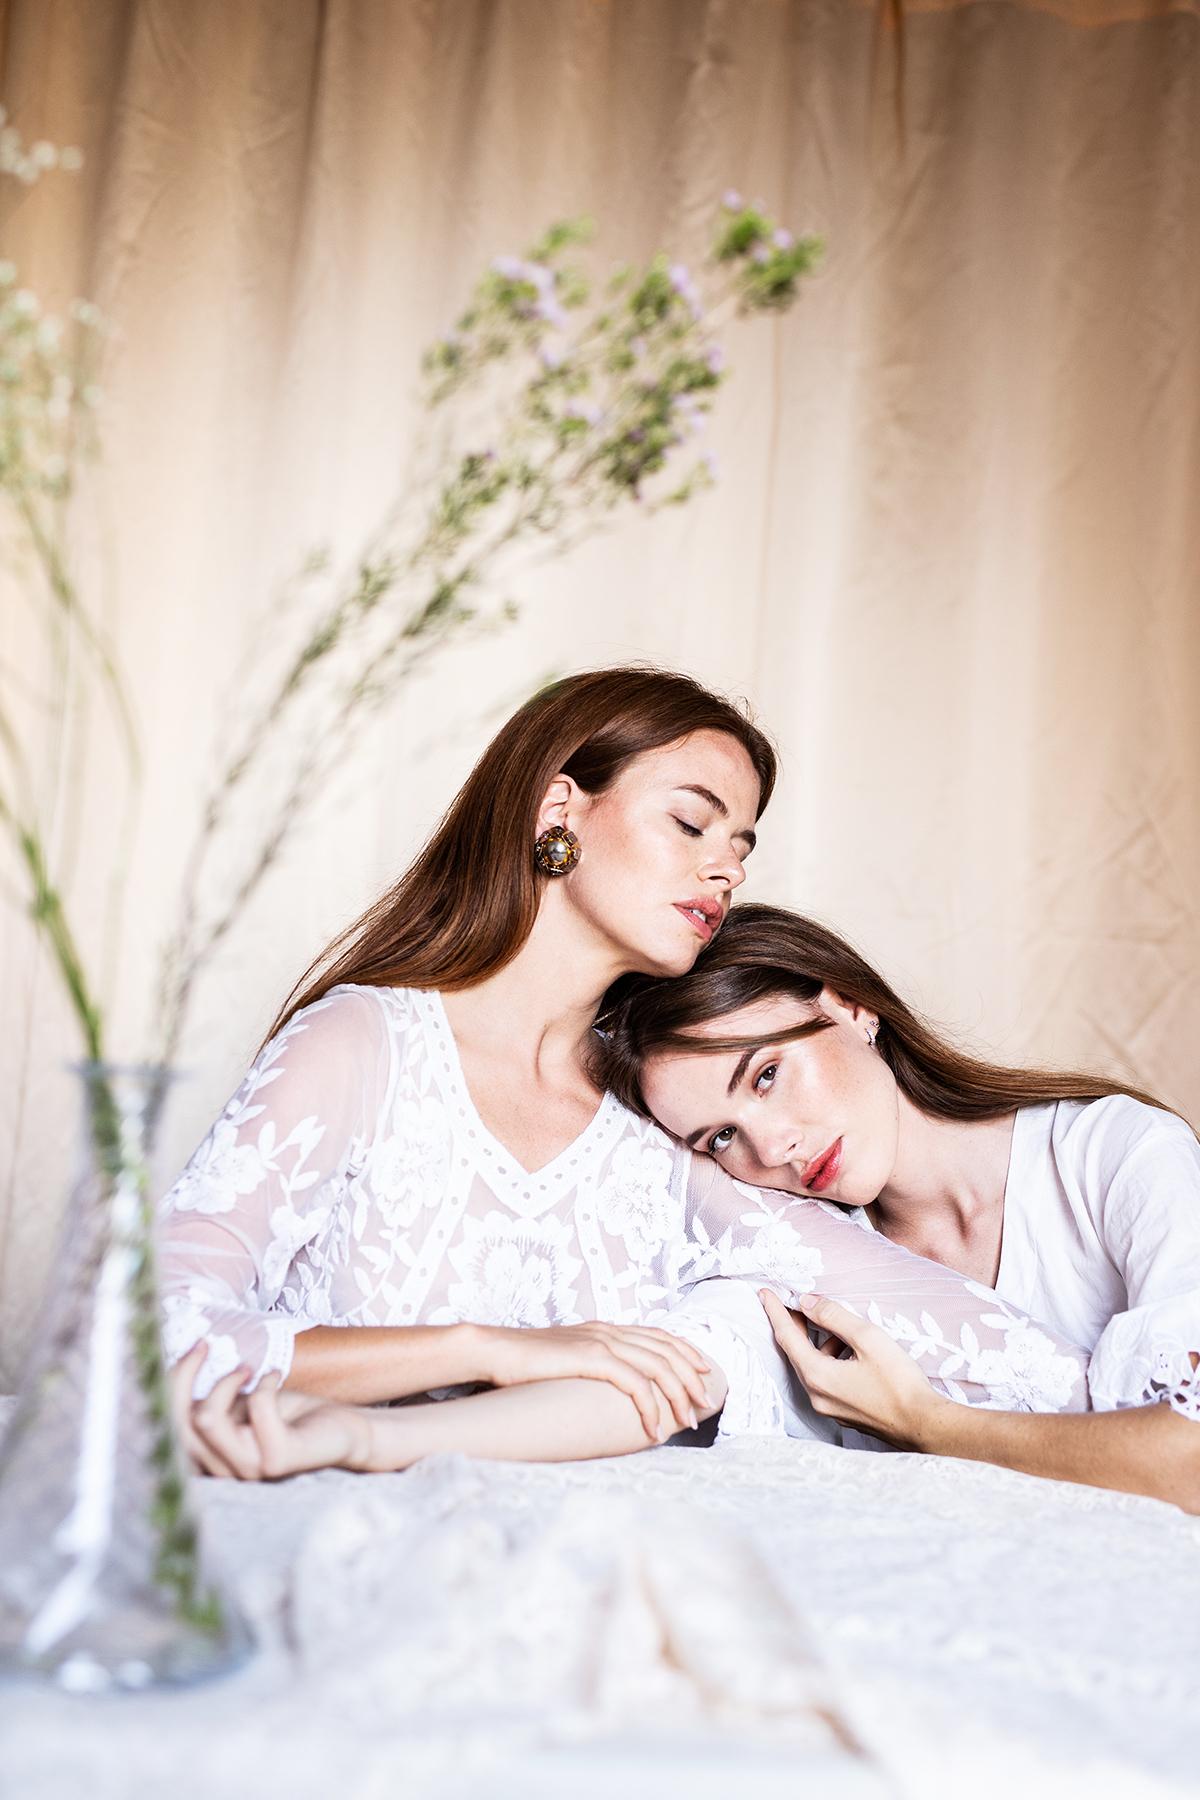 Duo, photographe Rachel Saddedine